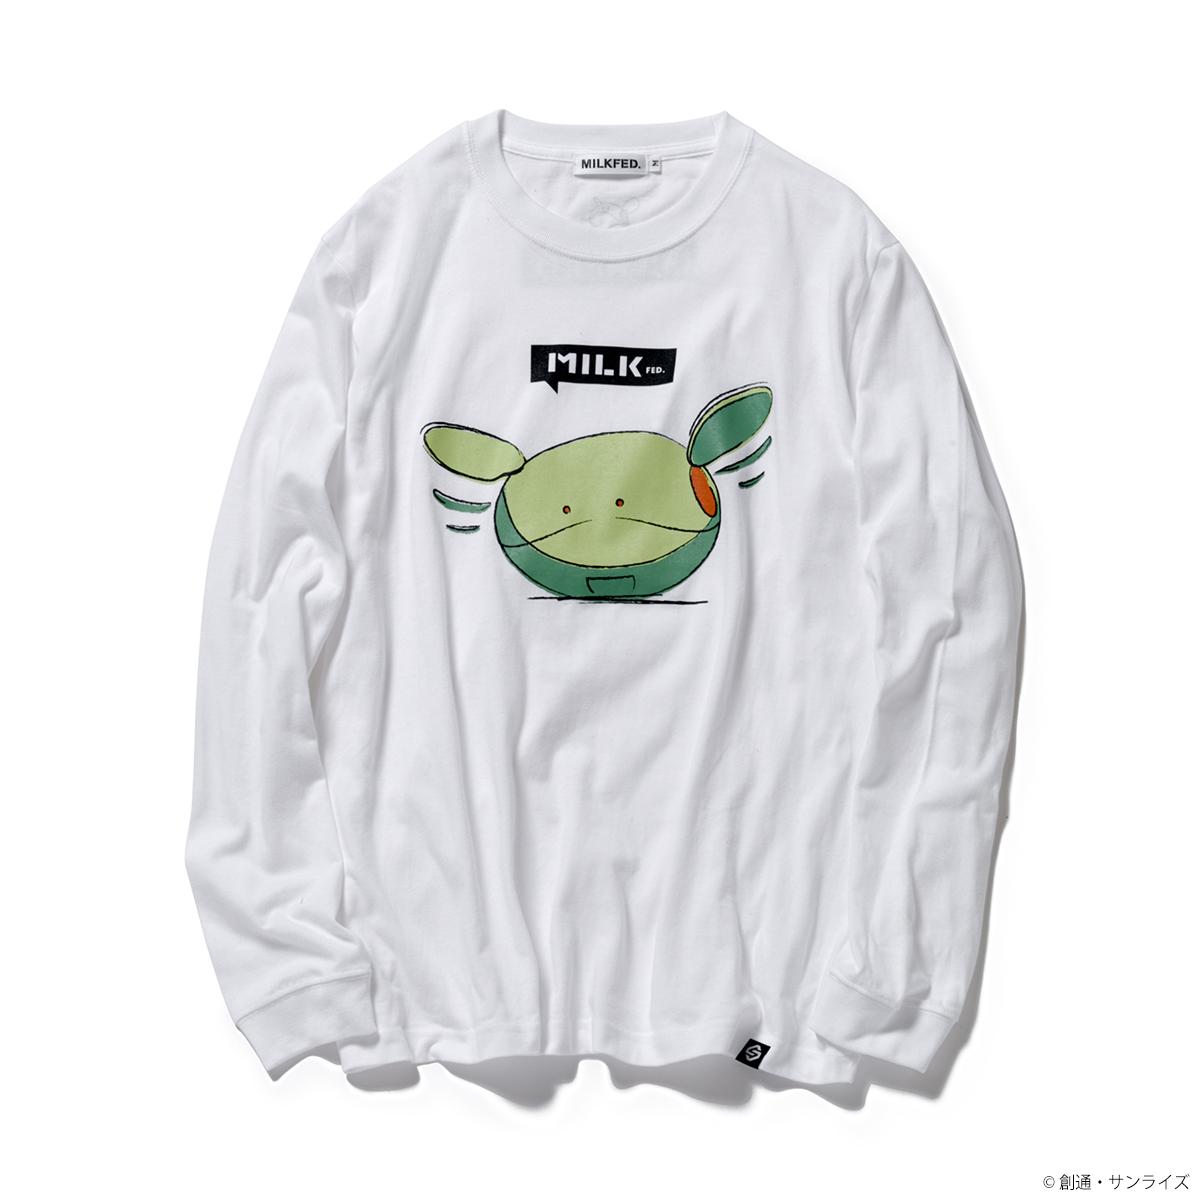 STRICT-G MILKFED.『機動戦士ガンダム』 長袖 Tシャツ パタパタ ハロ